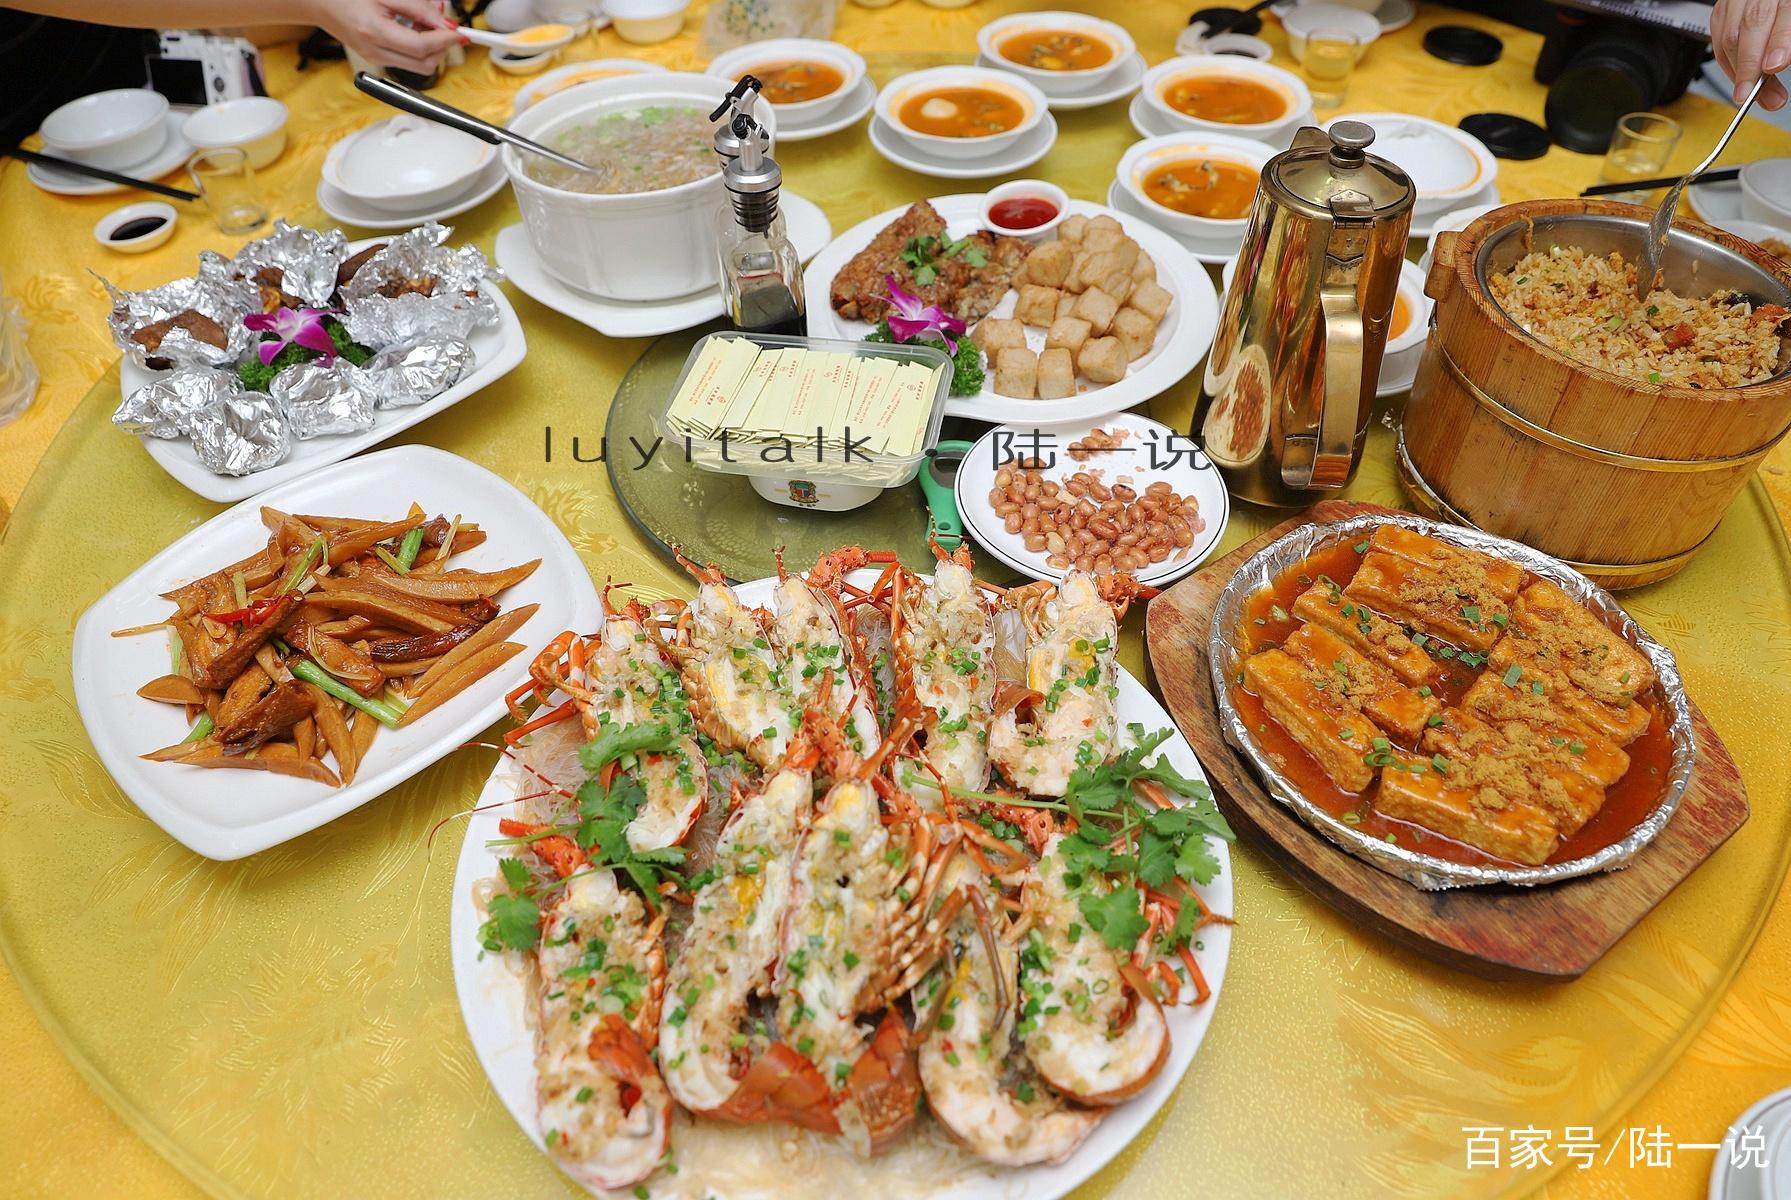 龙虾整盆上,鲍鱼摆满桌,说是来海鲜排档简单吃一餐,其实都很好